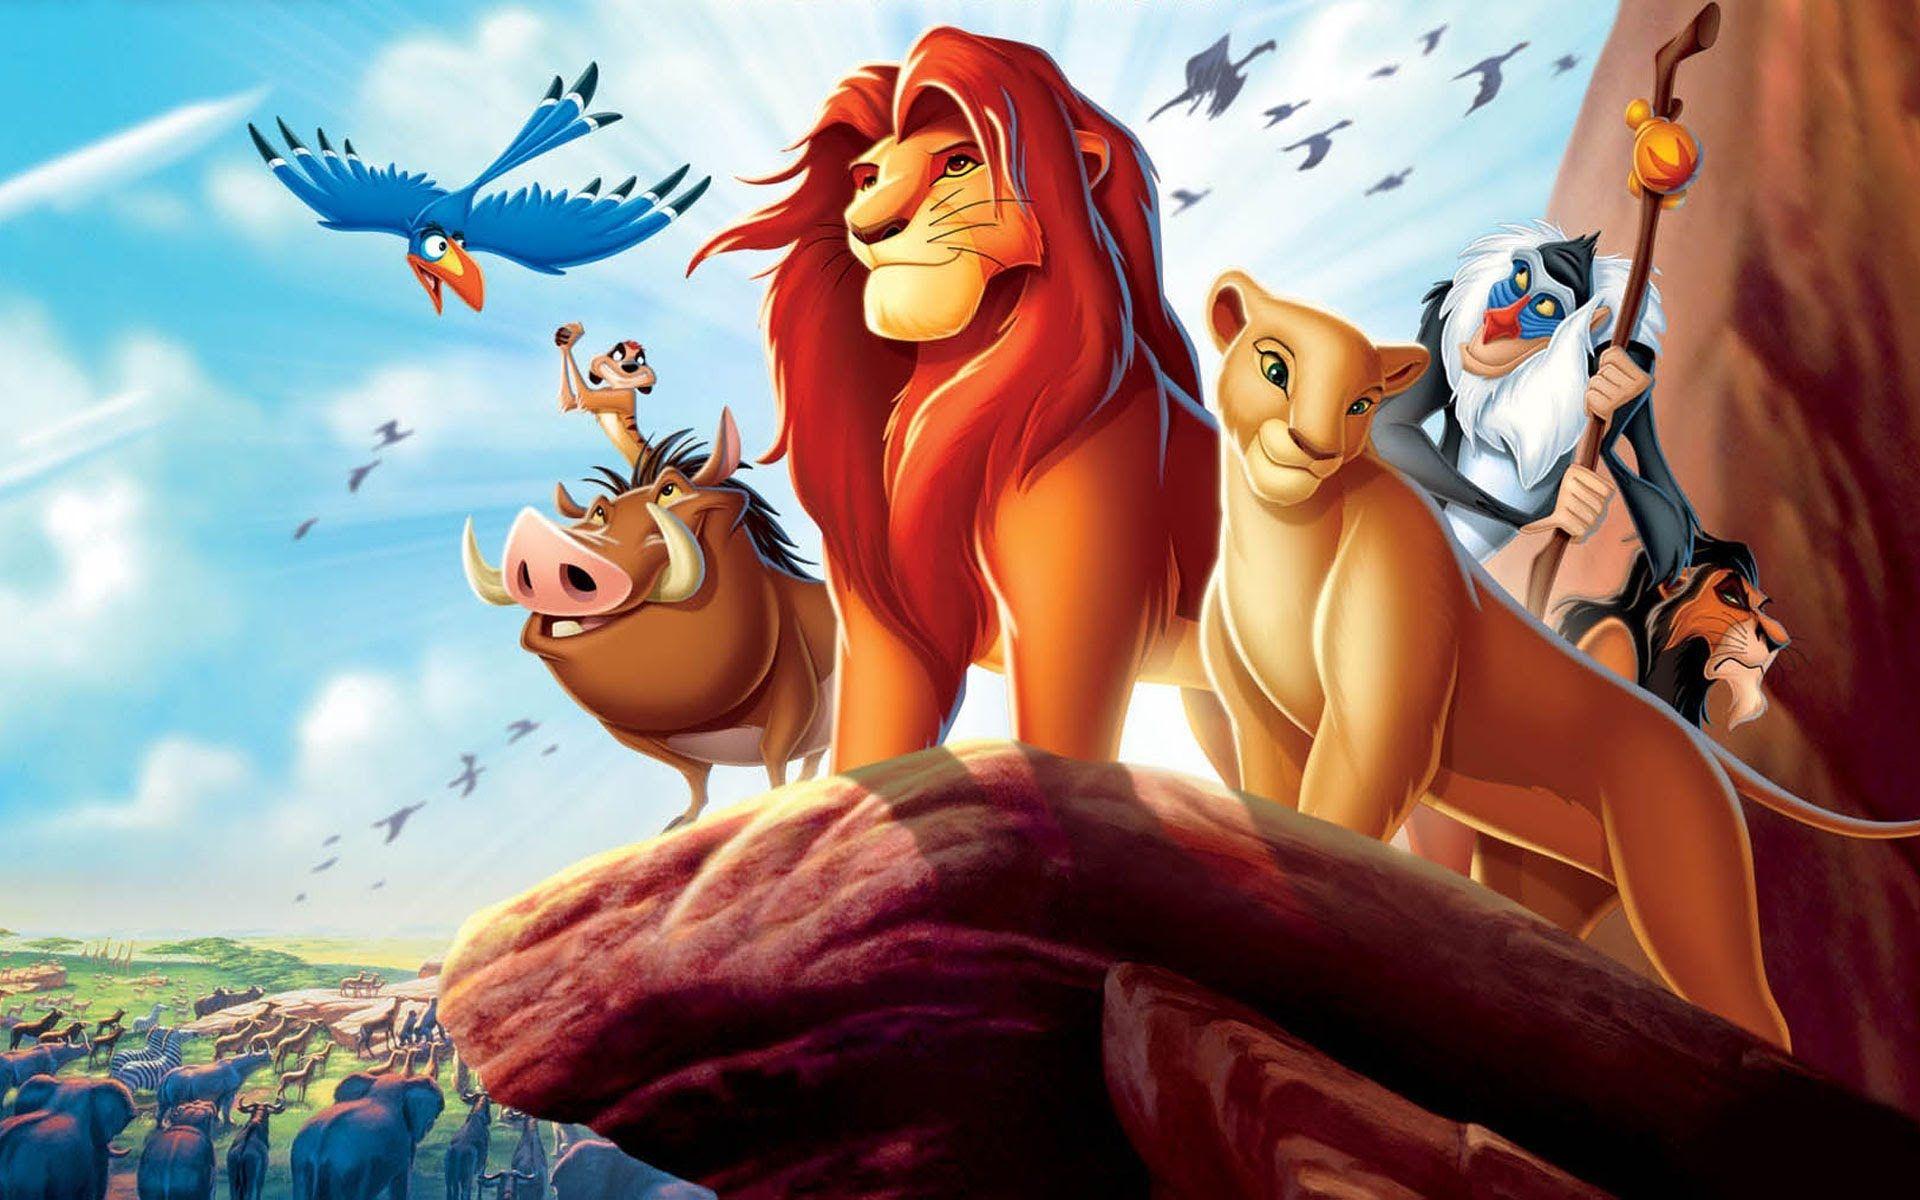 Le Roi Lion 2 Film Complet En Francais Le Roi Lion Le Roi Lion 3 Chansons De Disney